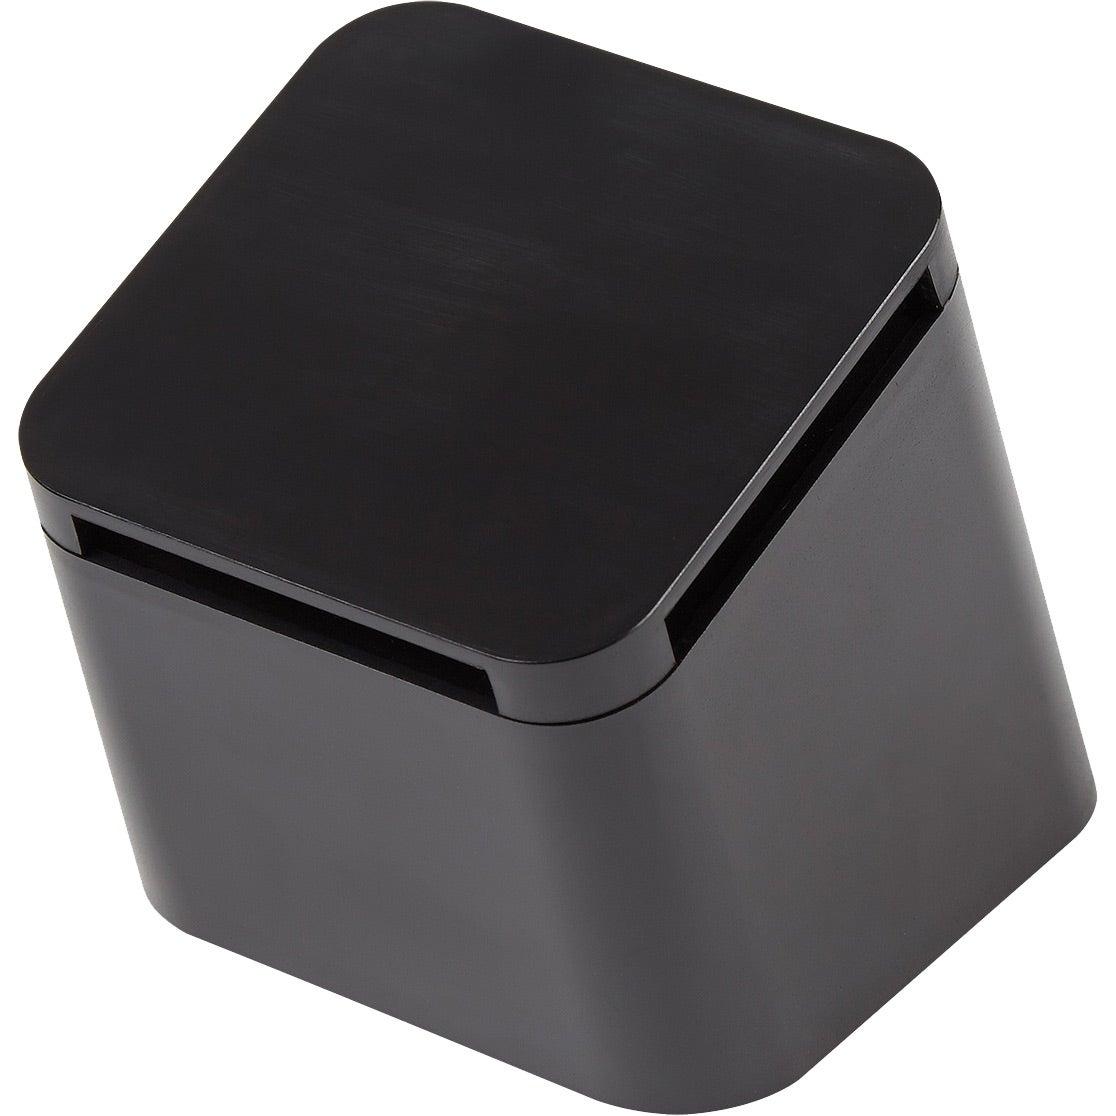 Wireless Speakers For Office On Black Slanted Cube Wireless Speaker Promotional Speakers With Custom Logo For